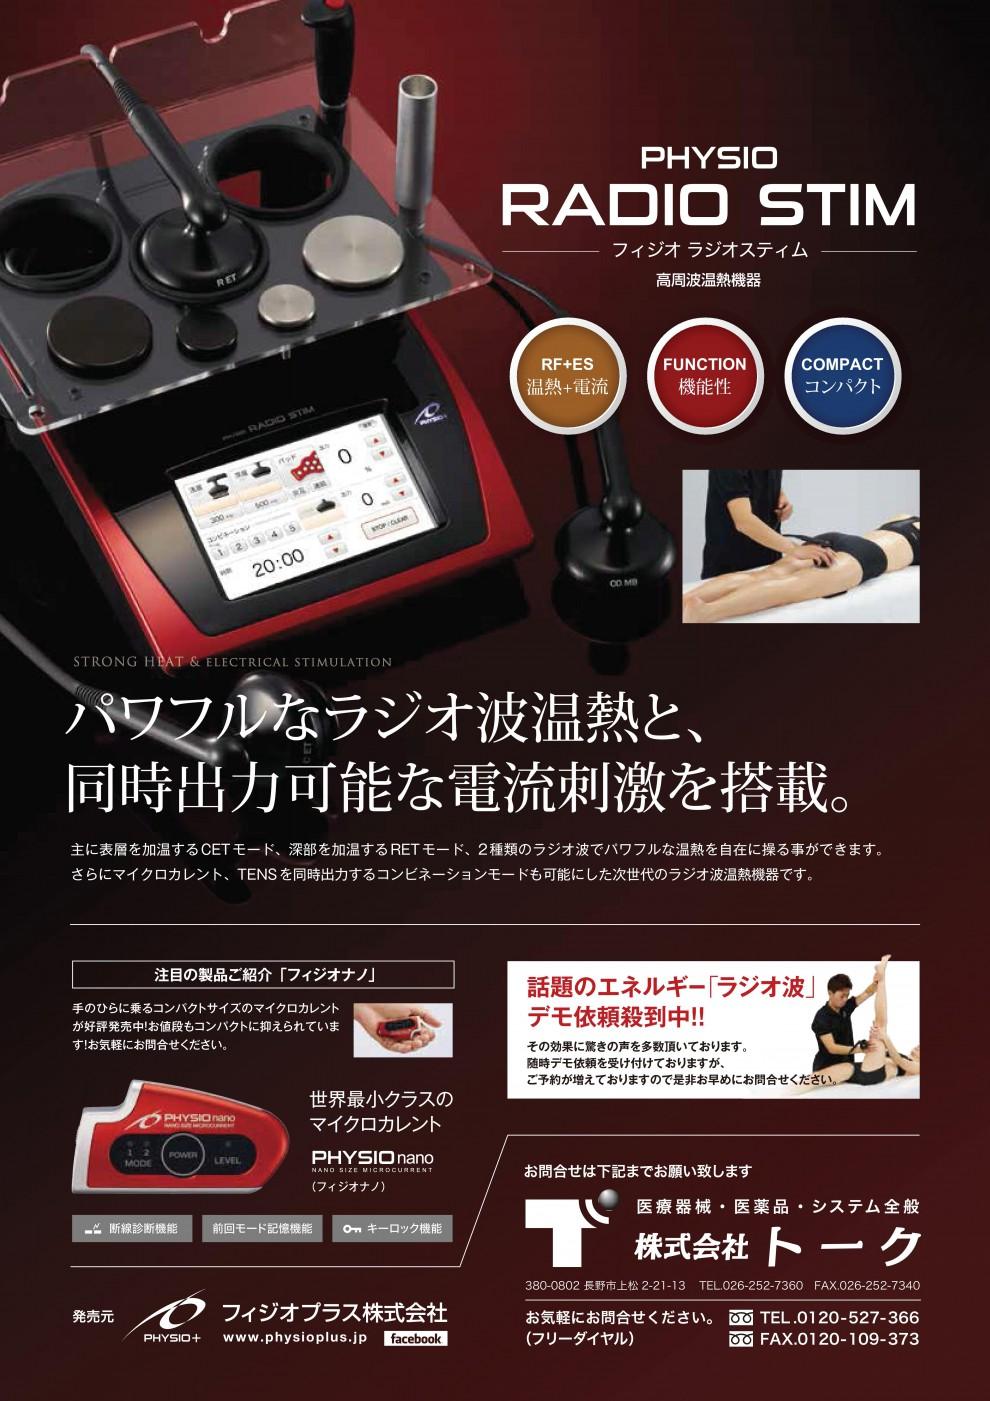 ラジオスティム広告